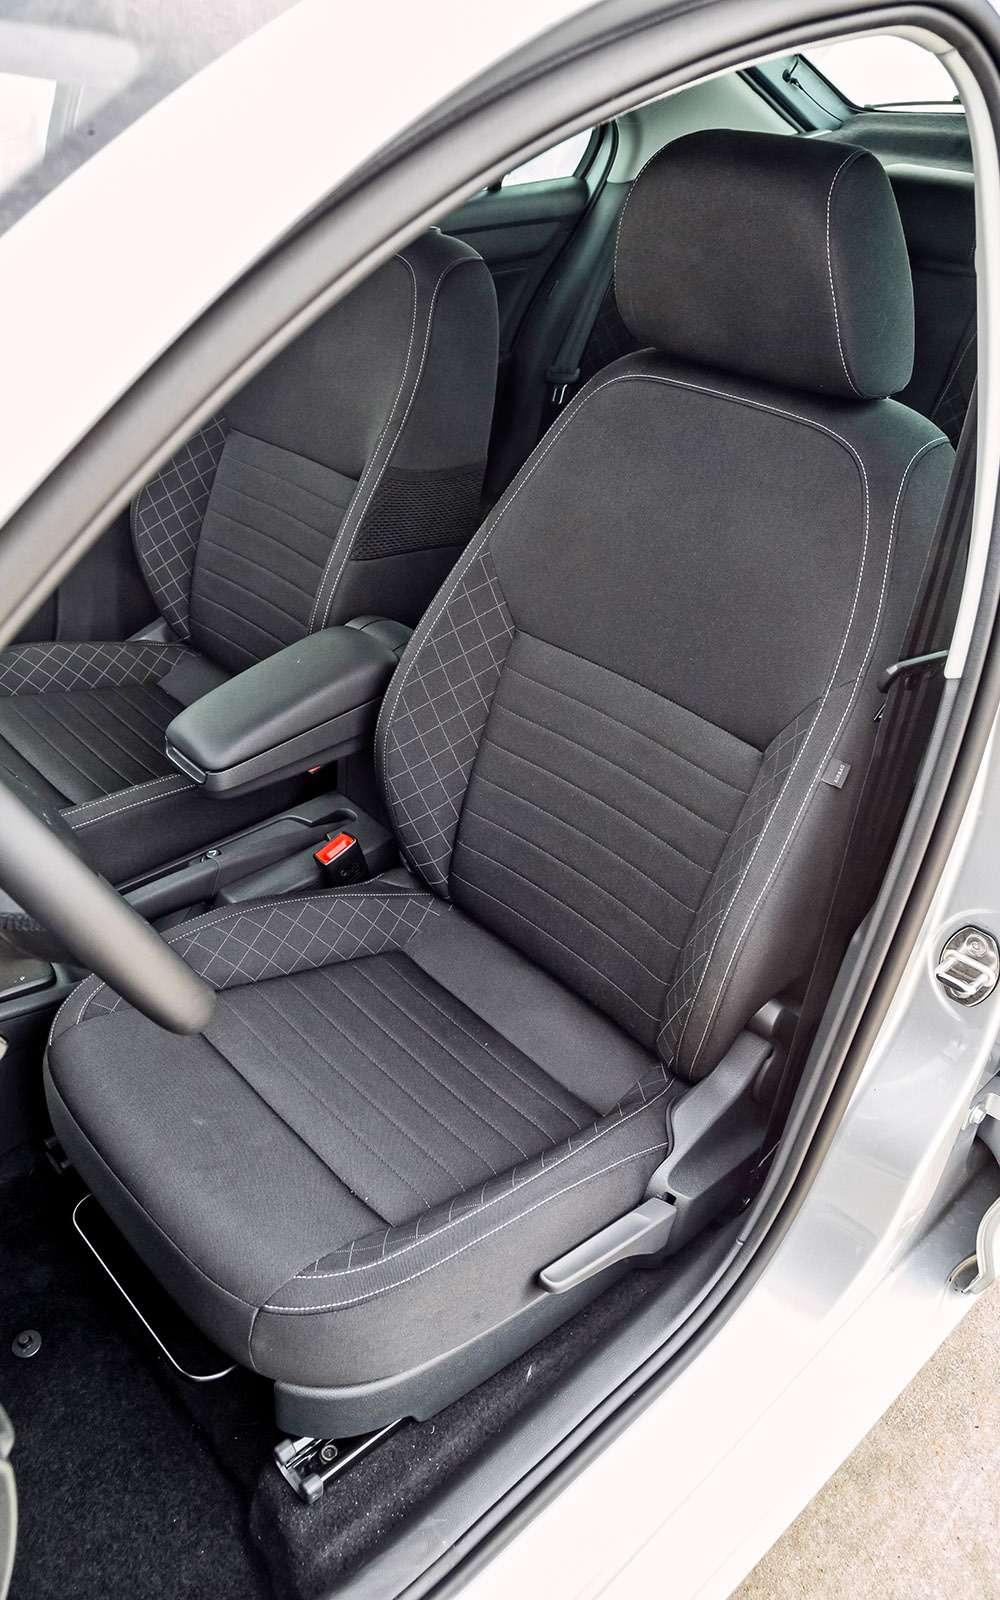 VWPolo GTпротив конкурентов: тест на«Смоленском кольце»— фото 644232